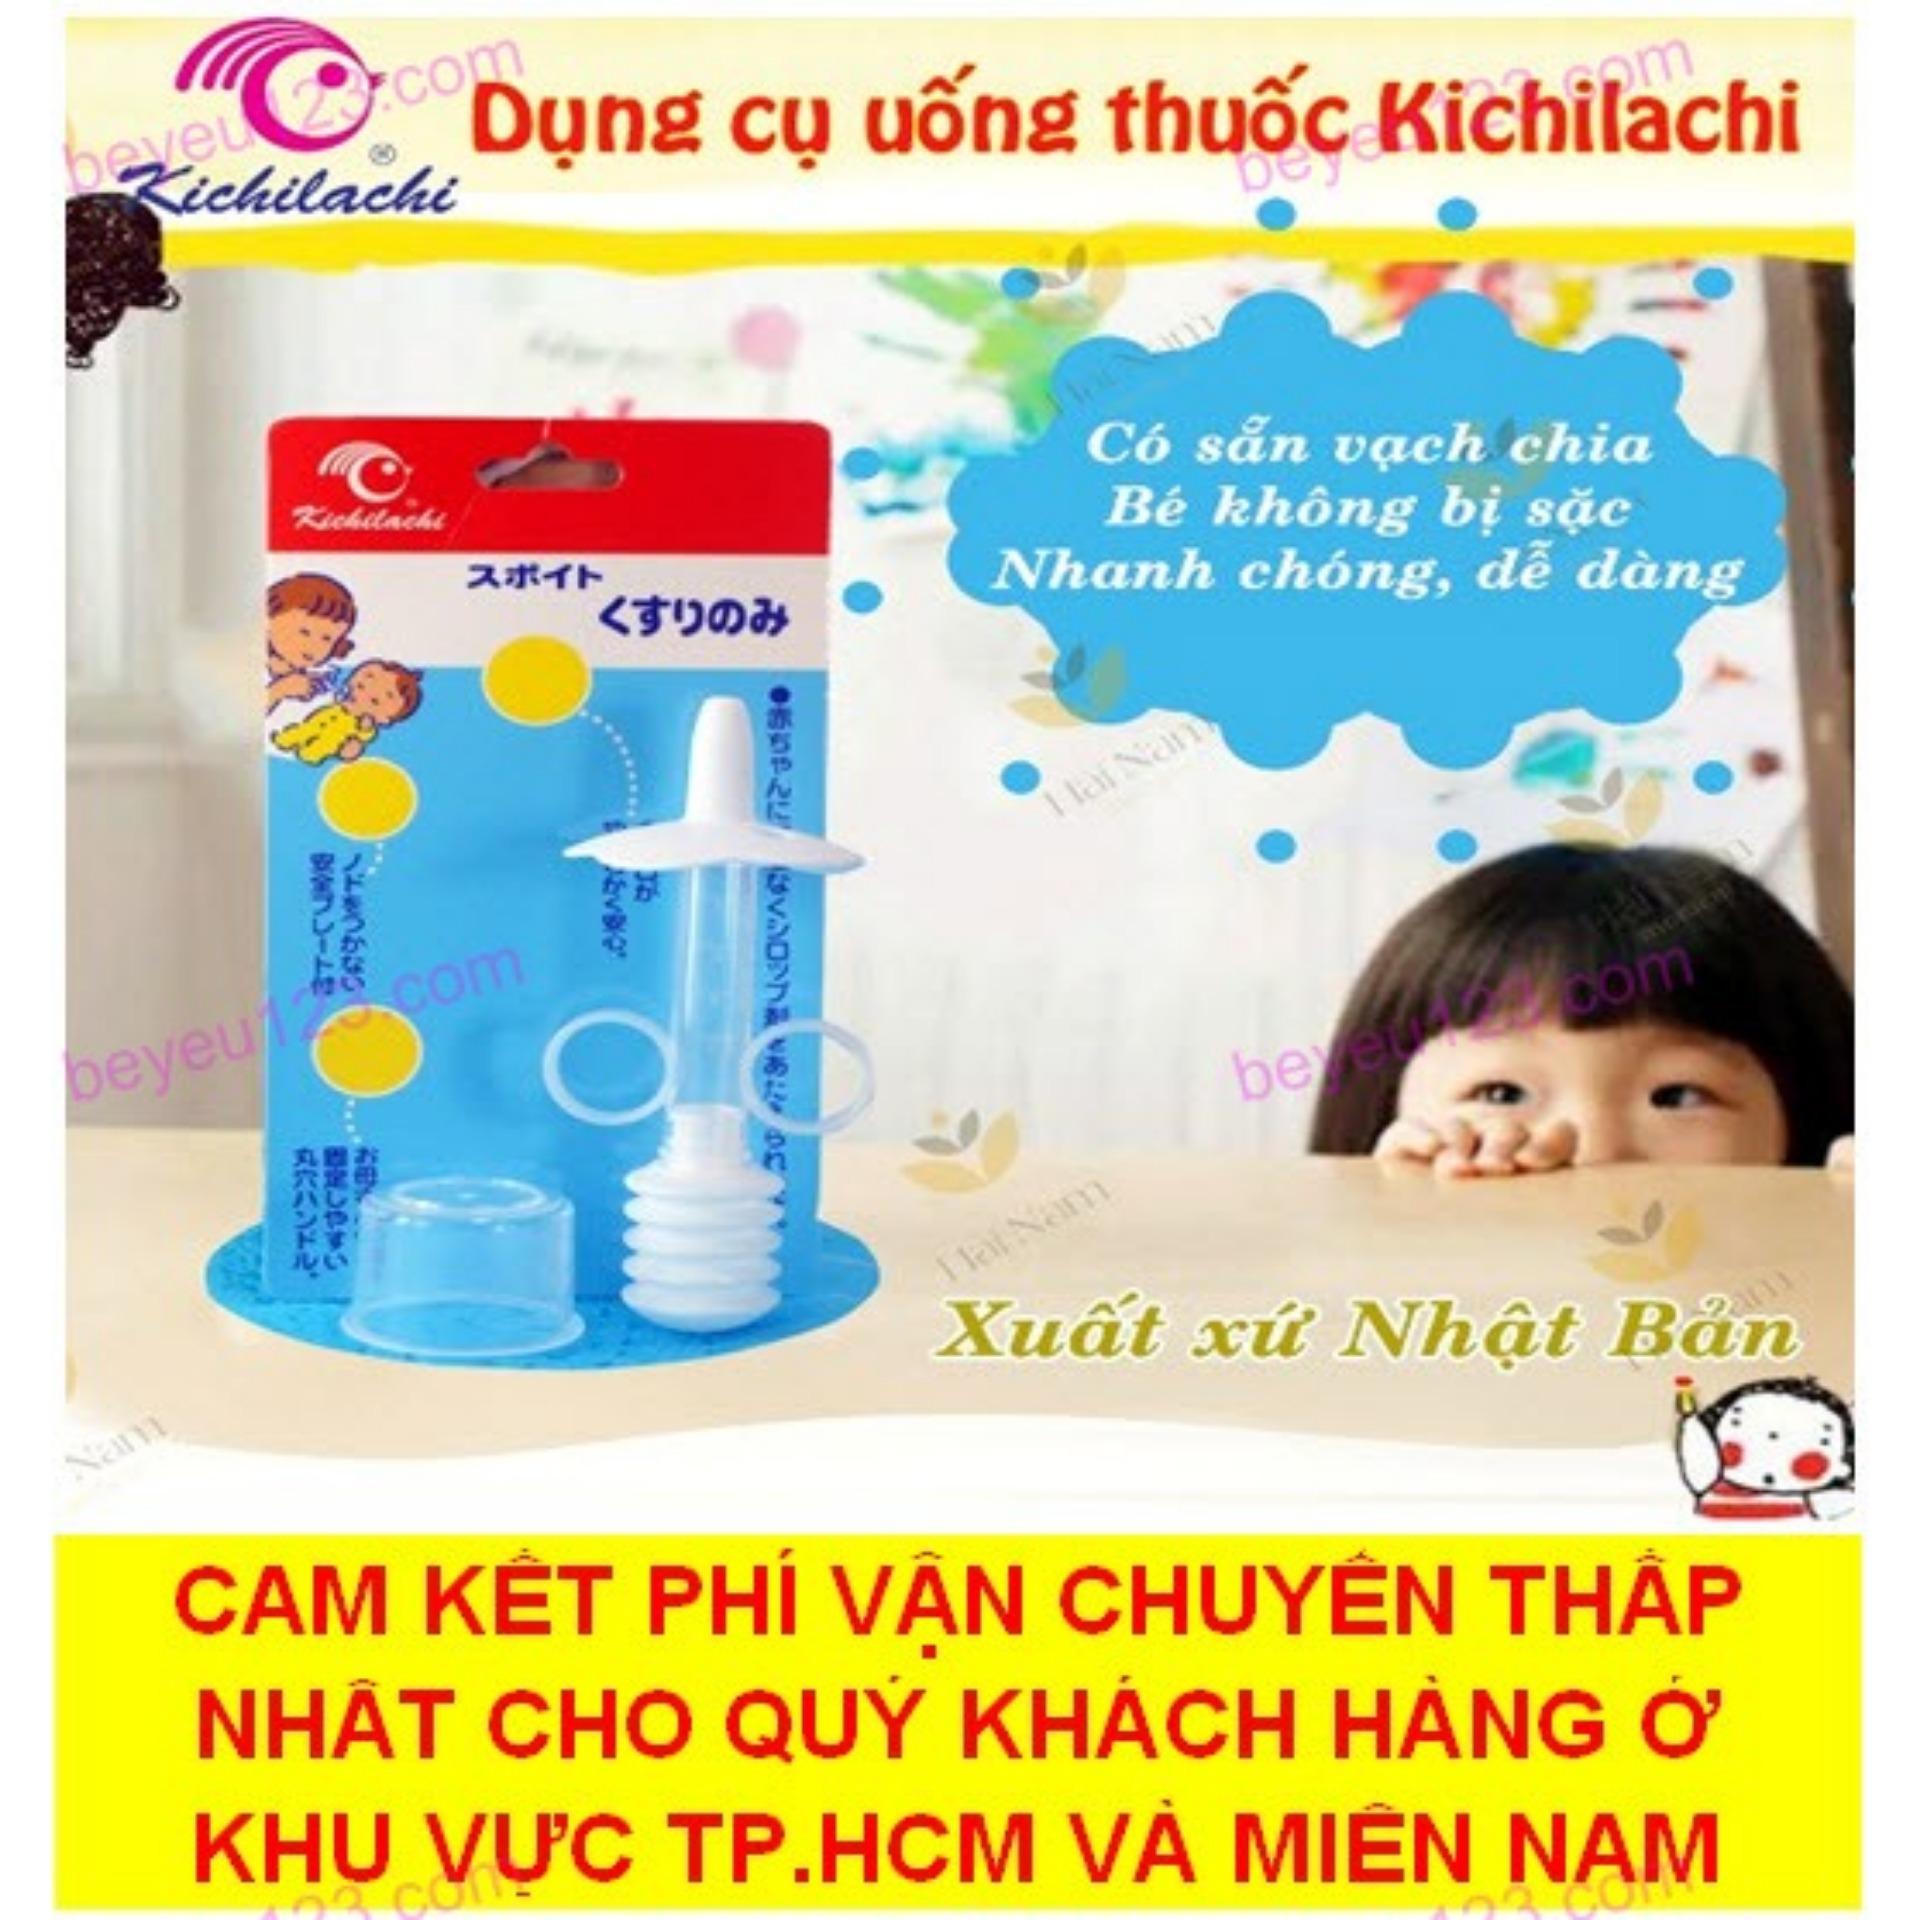 Hình ảnh Dụng cụ uống thuốc, uống sữa an toàn cho bé Kichilachi